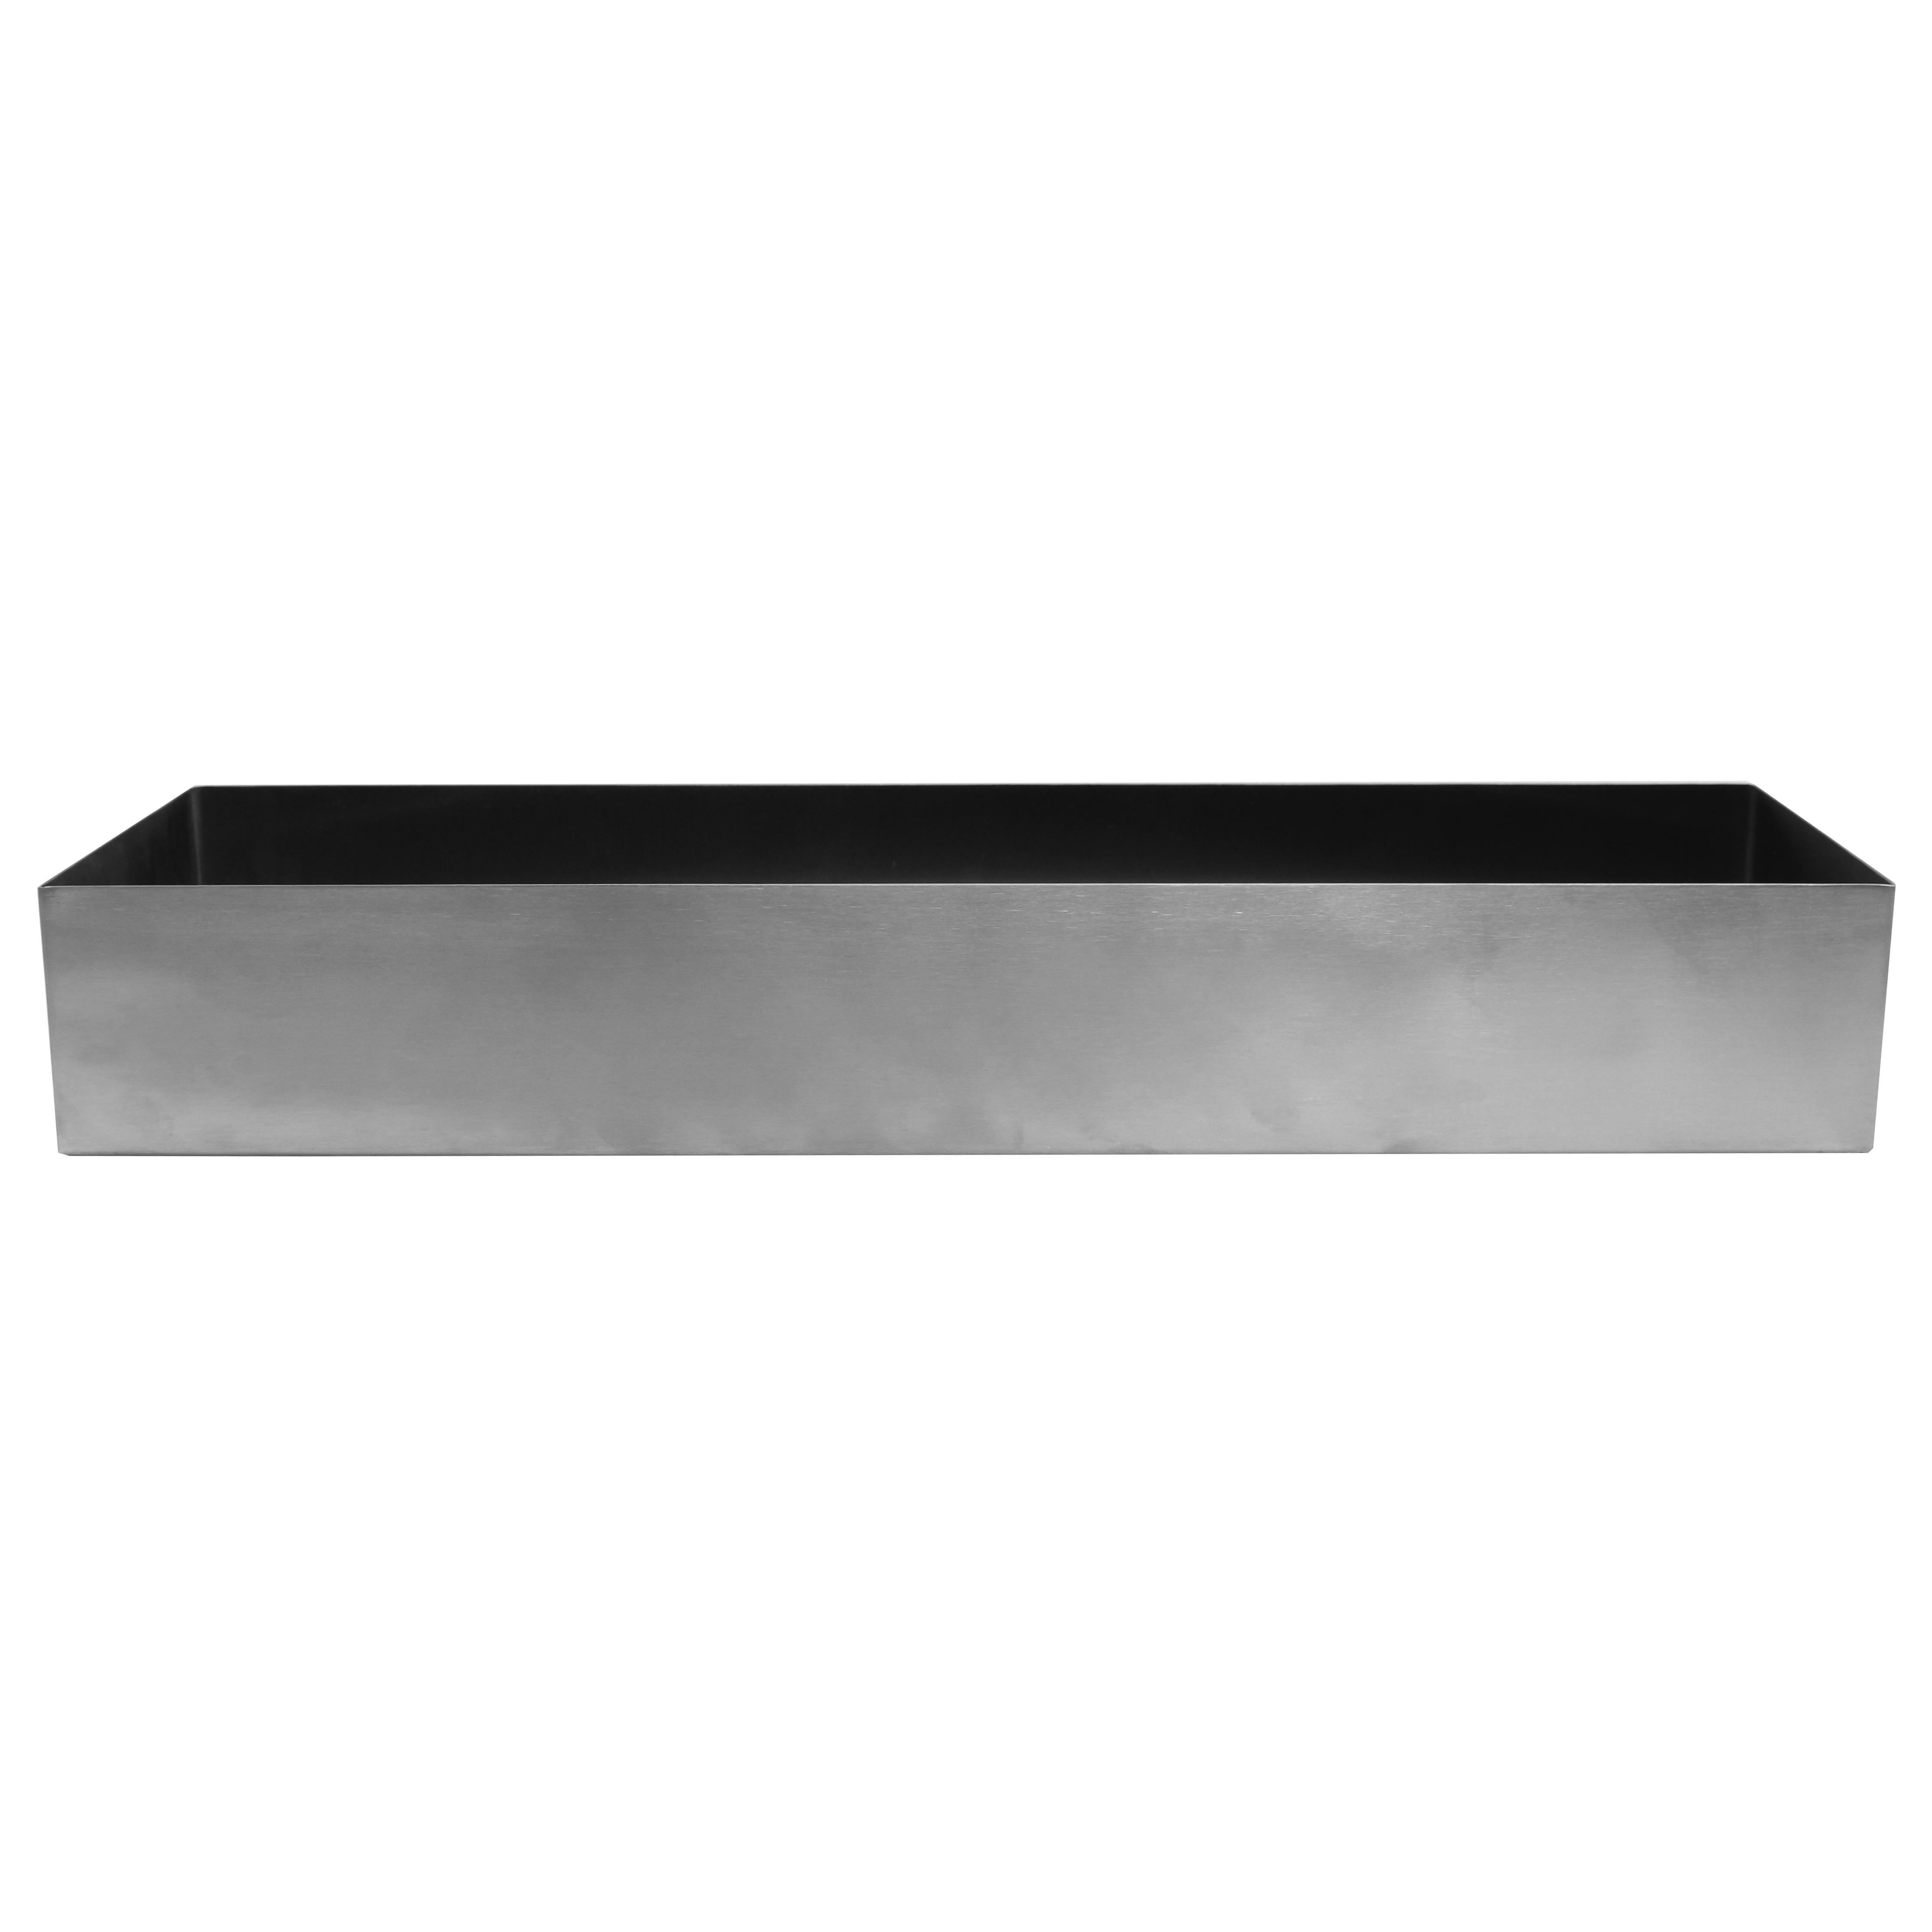 TableCraft Products SS4017 bowl, metal,  5 - 6 qt (160 - 223 oz)